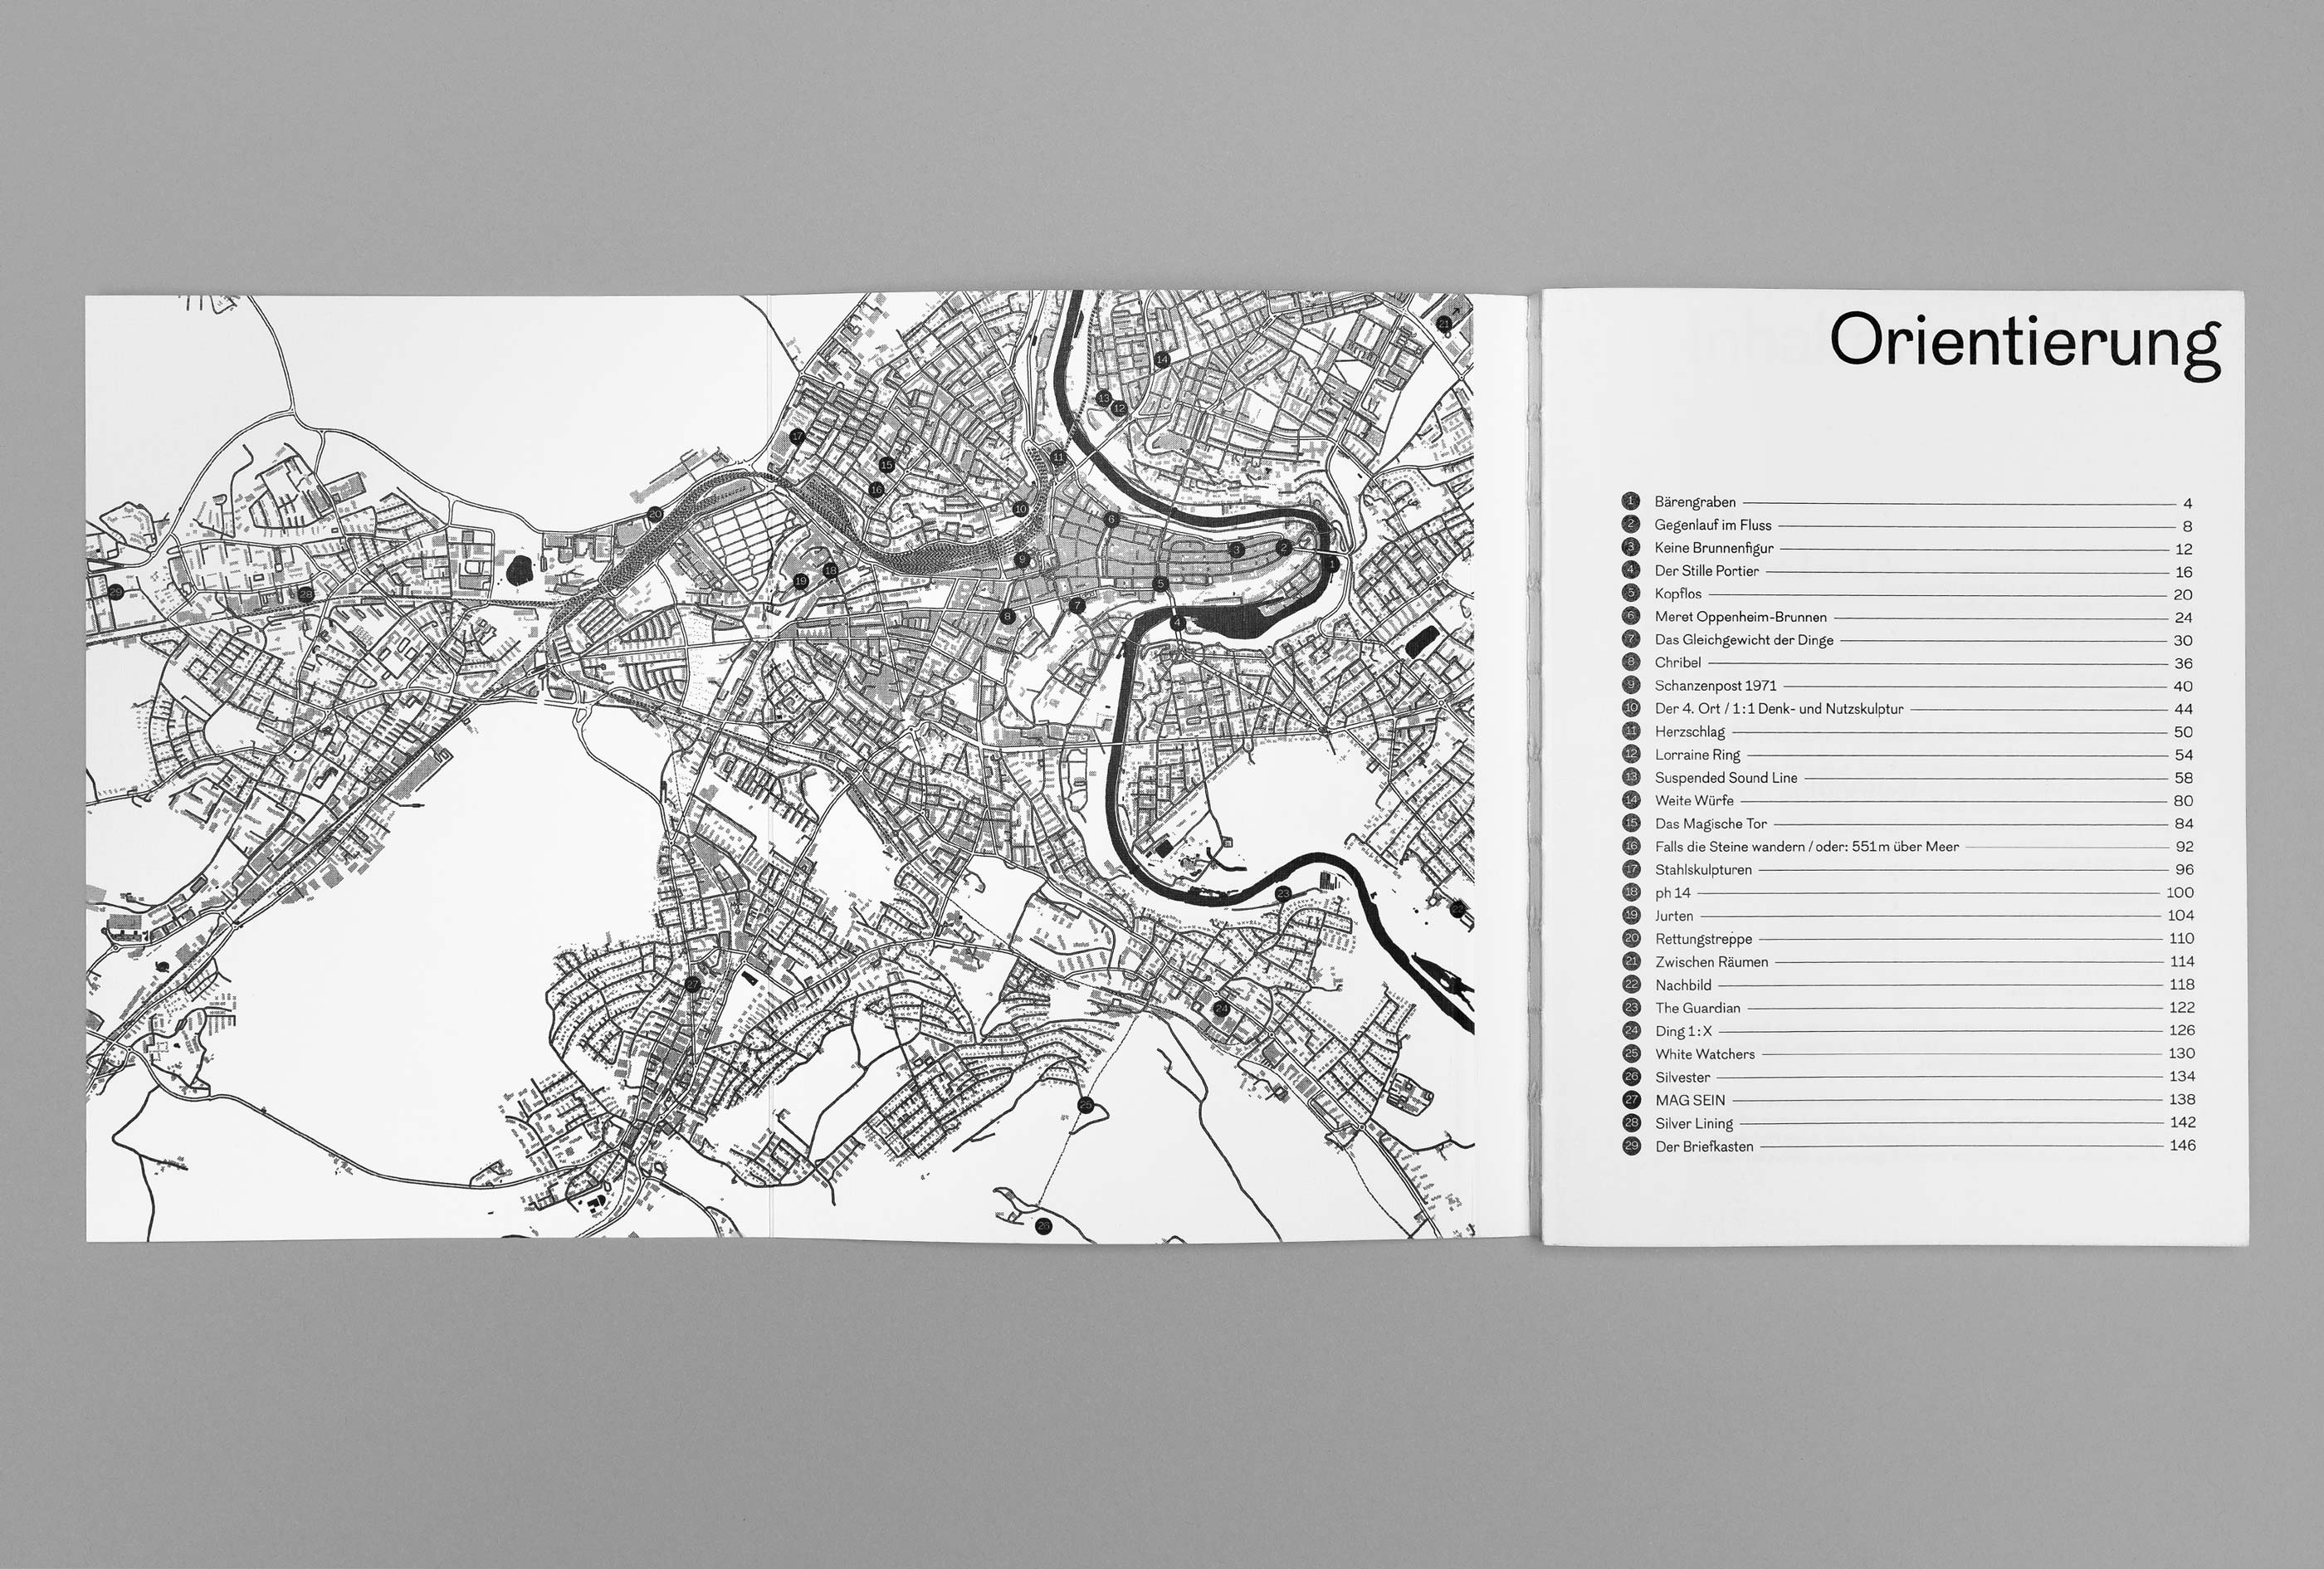 bePArt – Kunst im öffentlichen Raum Bern, orientation + map ©Atelier Pol × Barbara Hess